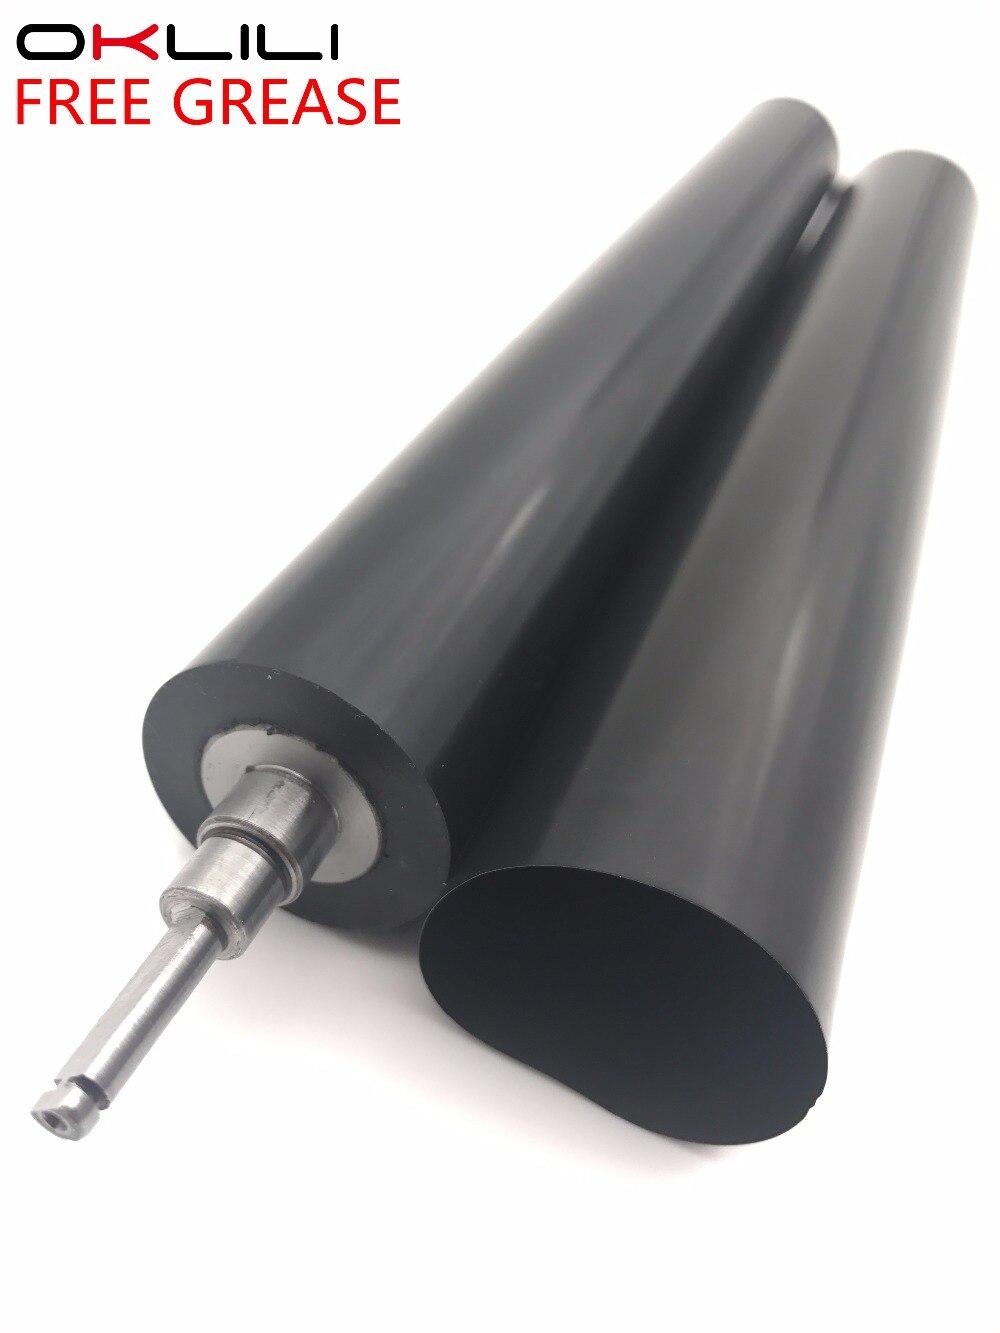 купить 1SETX Fuser Film Sleeve Pressure Roller for Brother DCP L5500 L5600 L5650 HL L5000 L5100 L5200 L6200 L6250 L6300 L6400 5580 5585 по цене 1618.34 рублей